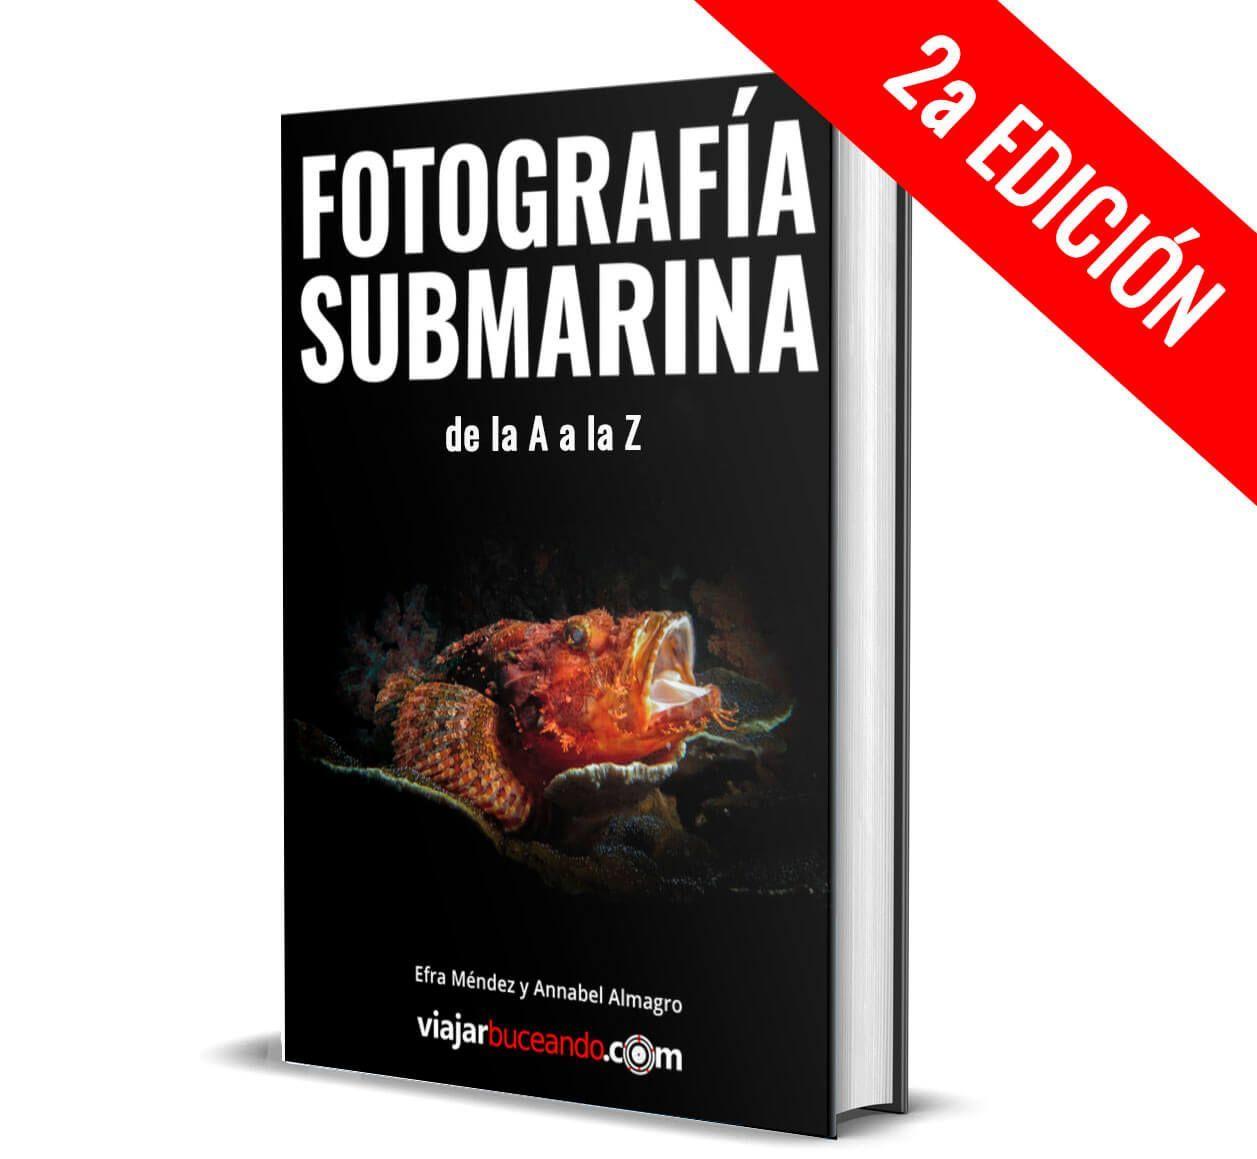 libro de fotografia submarina 5.0